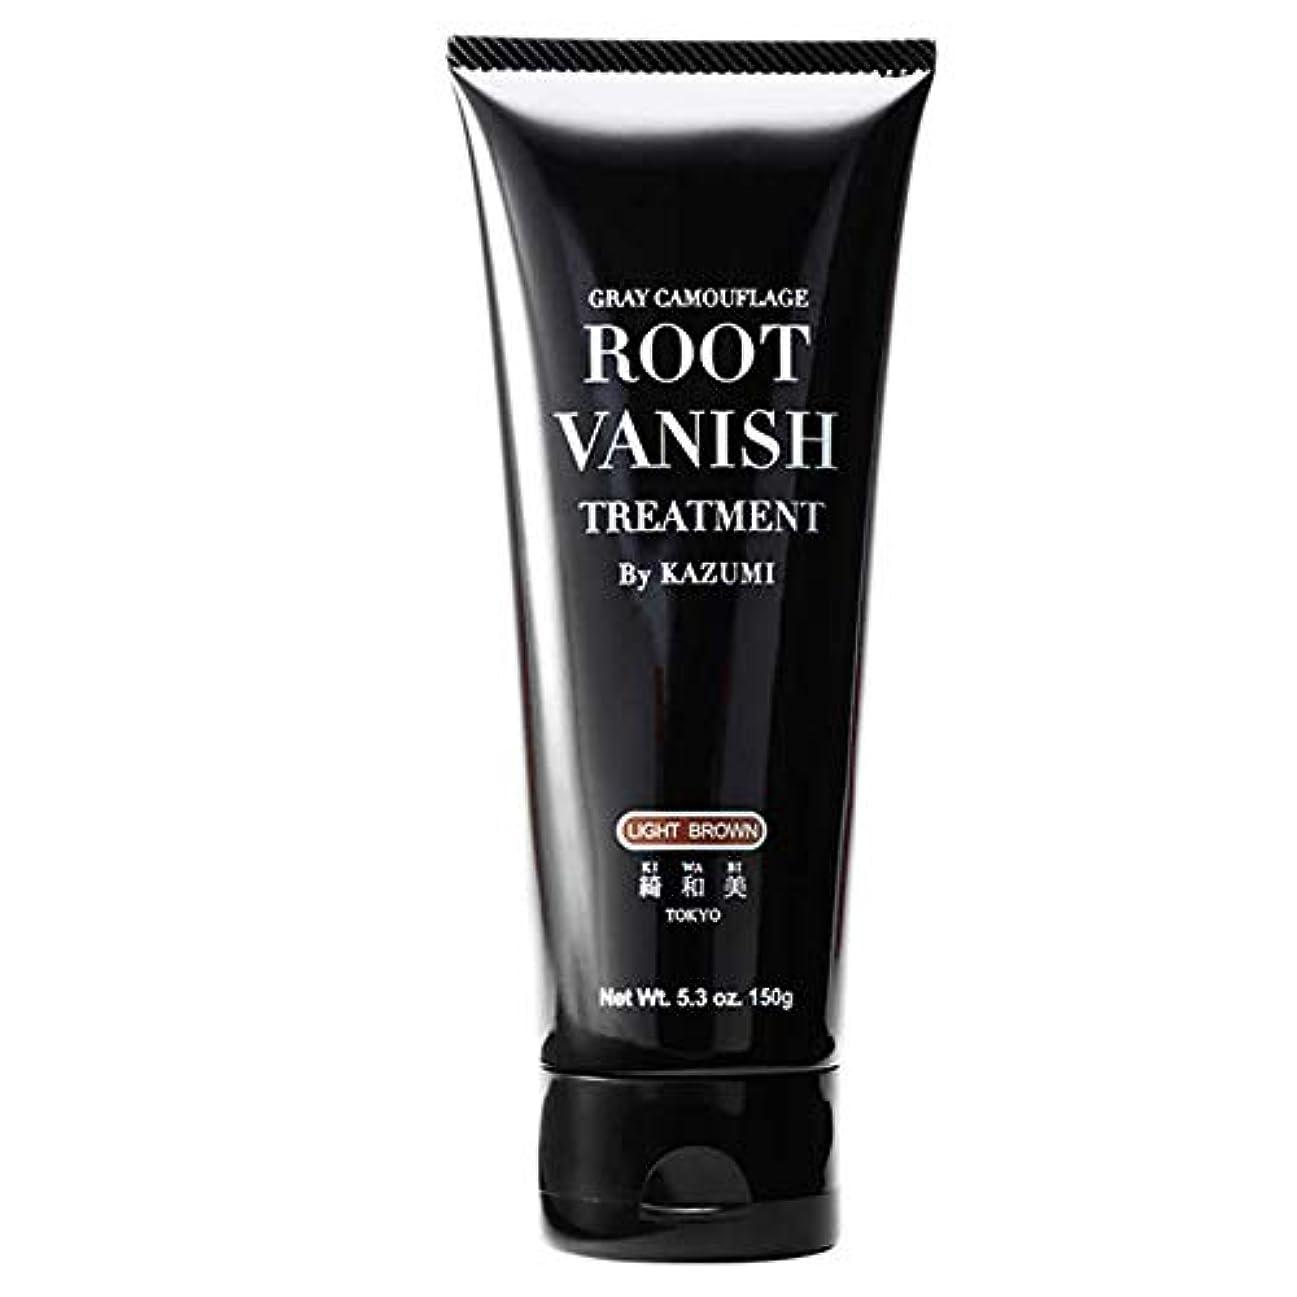 オーチャード気怠いケーキRoot Vanish 白髪染め (ライトブラウン) ヘアカラートリートメント 女性用 [100%天然成分 / 無添加22種類の植物エキス配合]